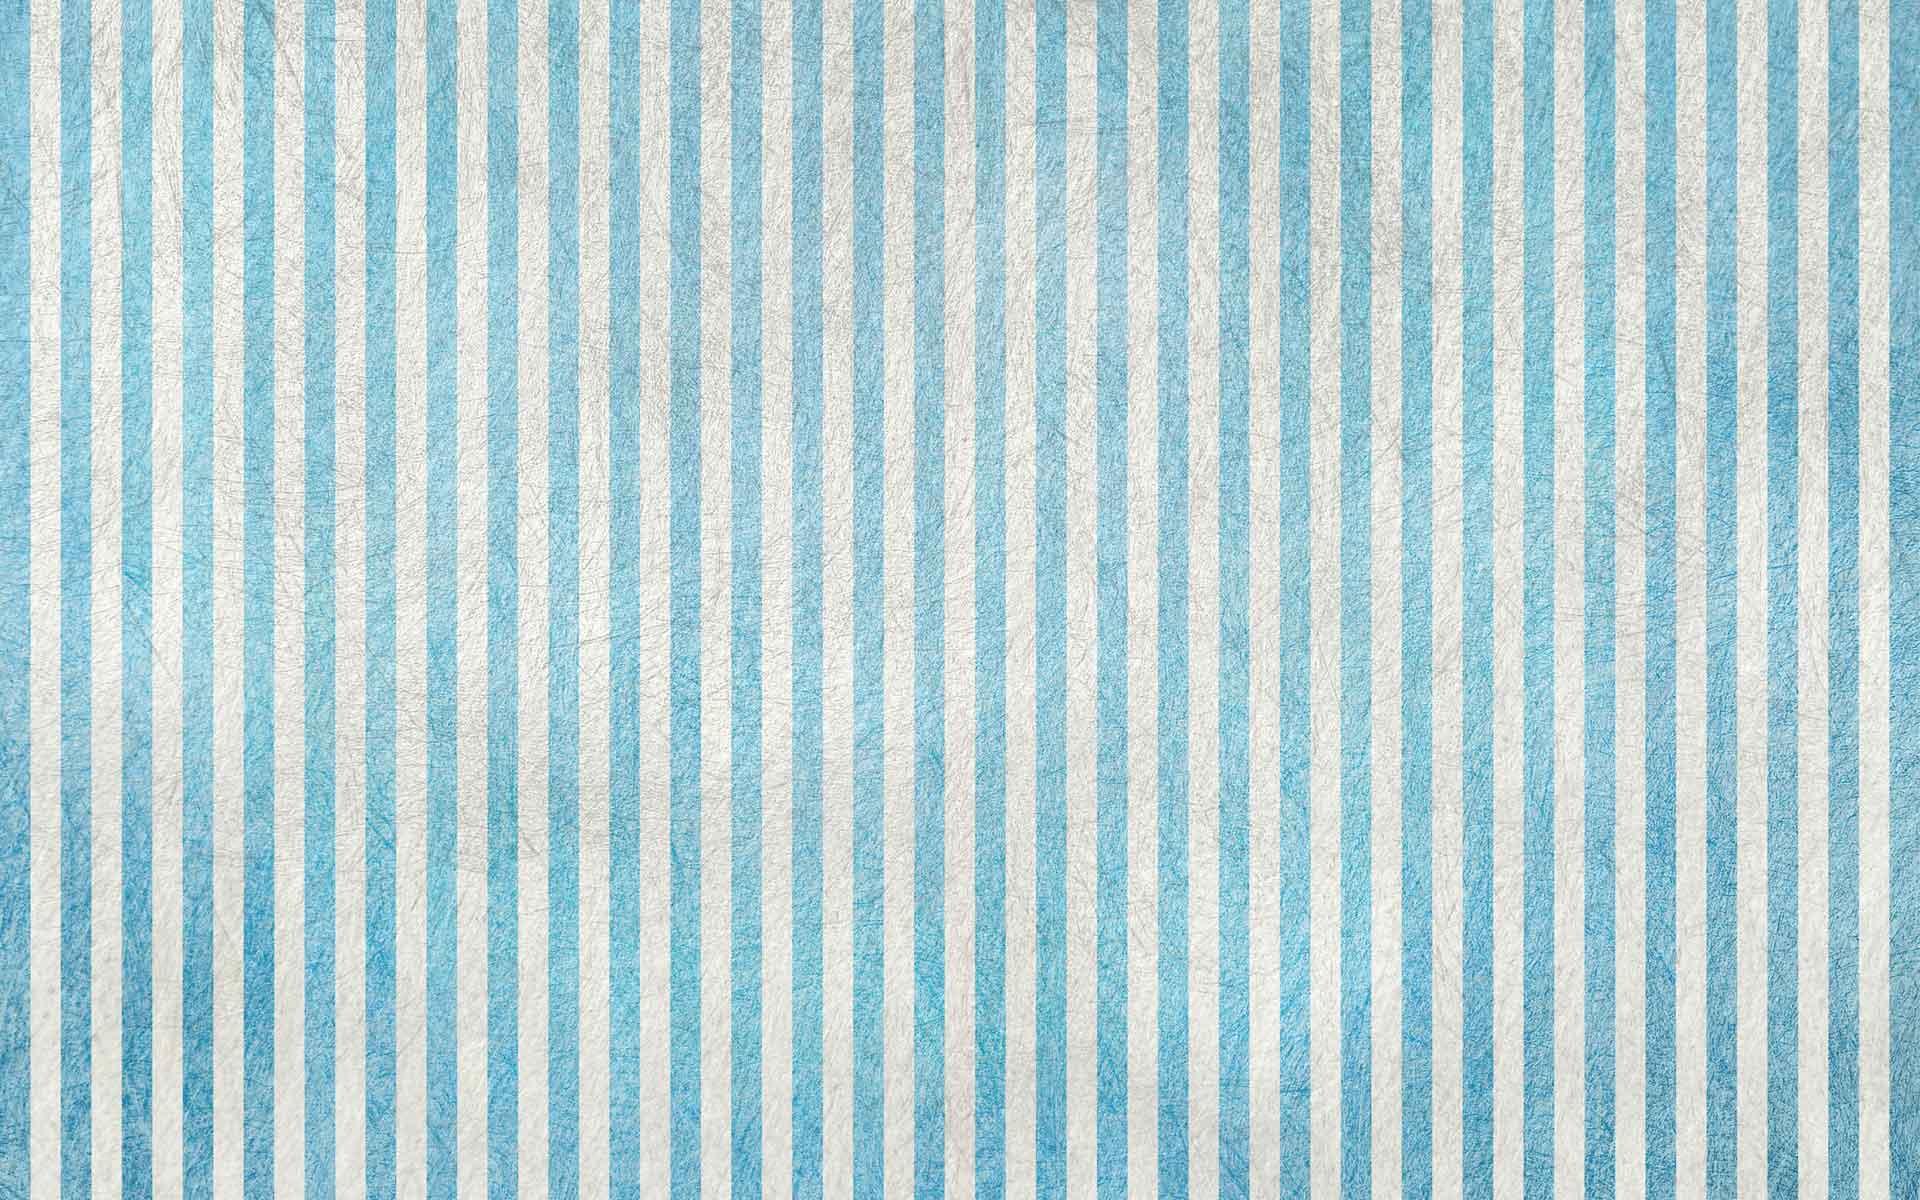 blue stripes wallpaper 34546